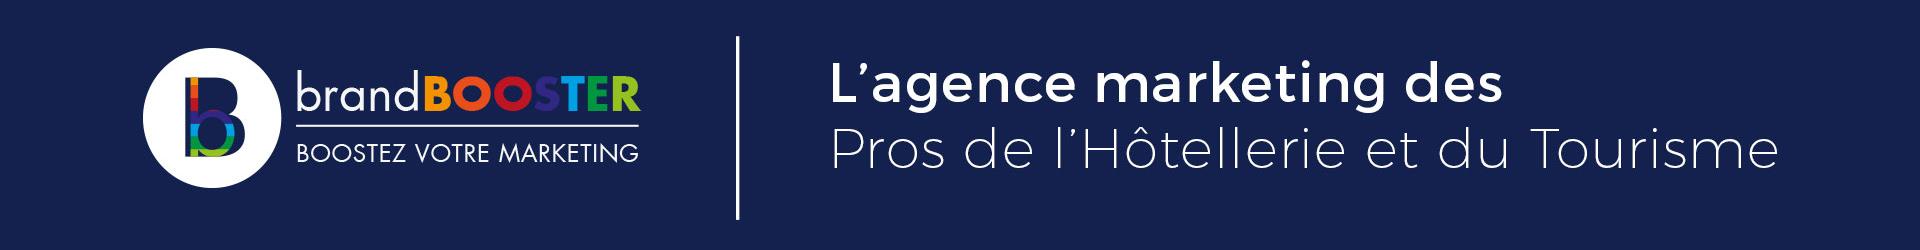 Brandbooster l'agence marketing des pros de l'h�tellerie et du tourisme